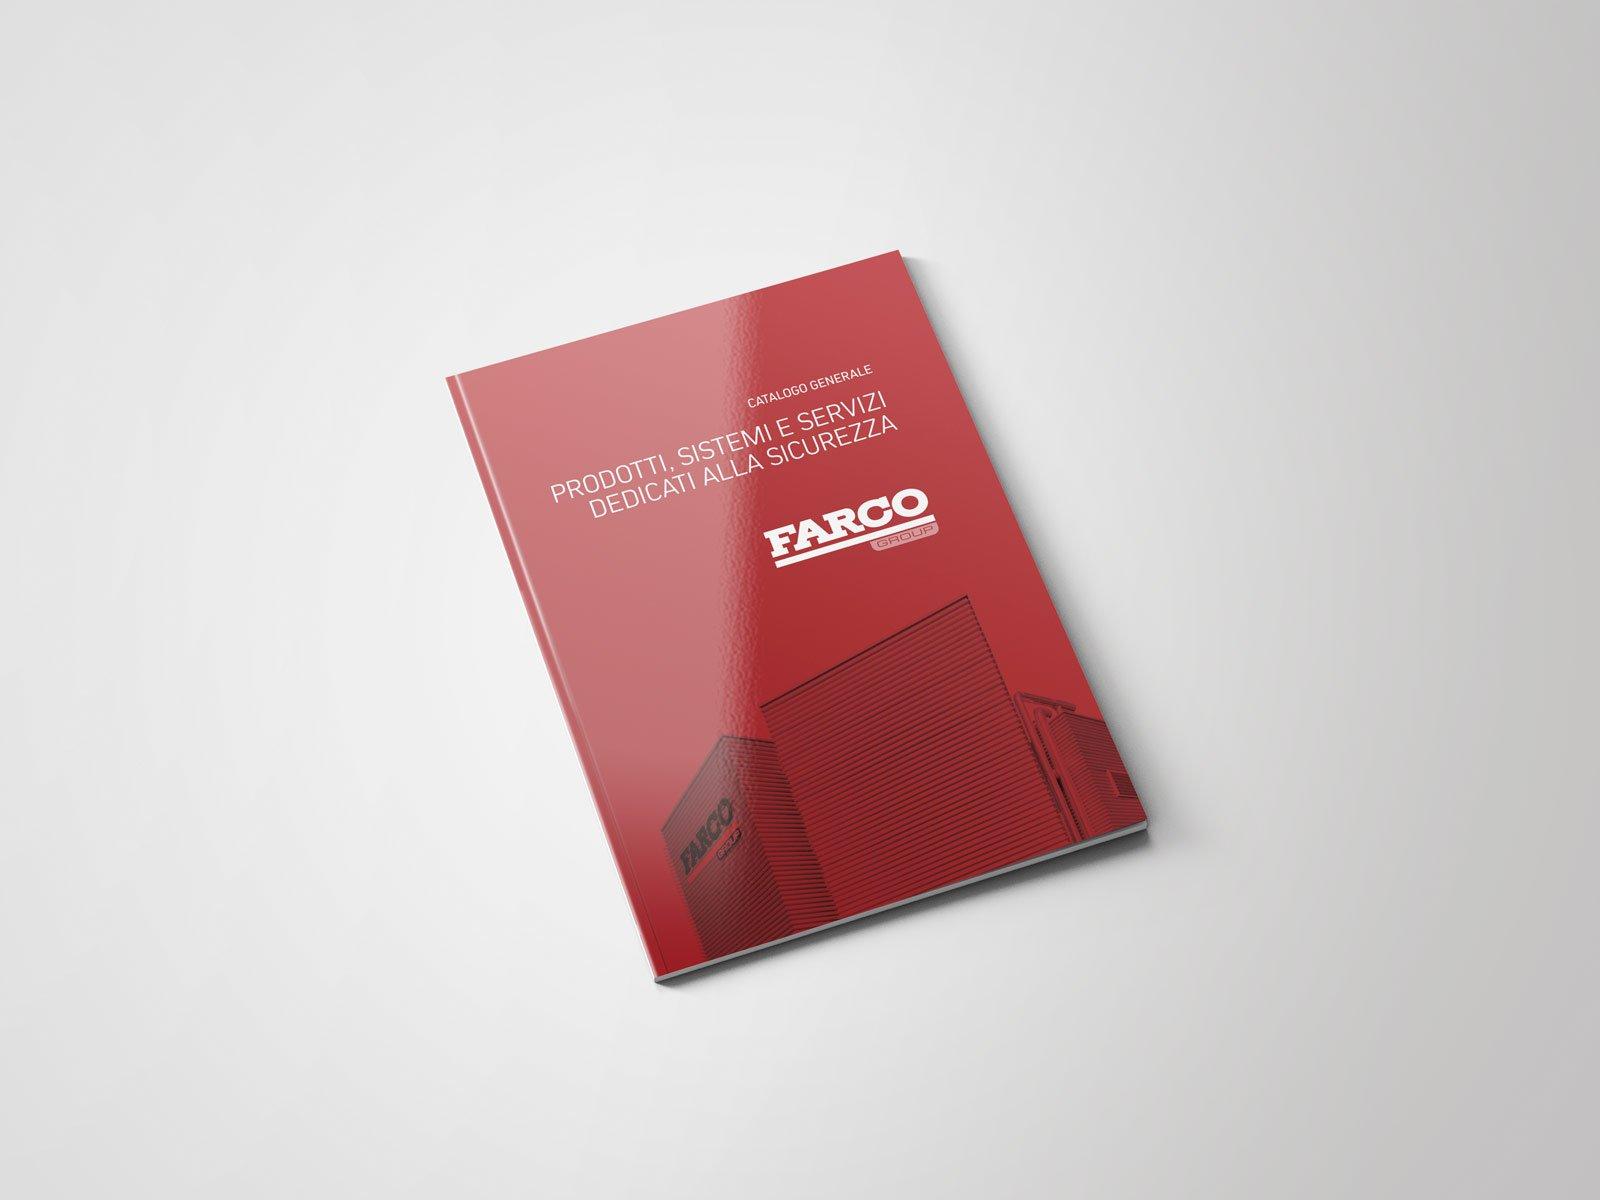 Creazione cataloghi a Brescia. Agenzia P, Farco Group